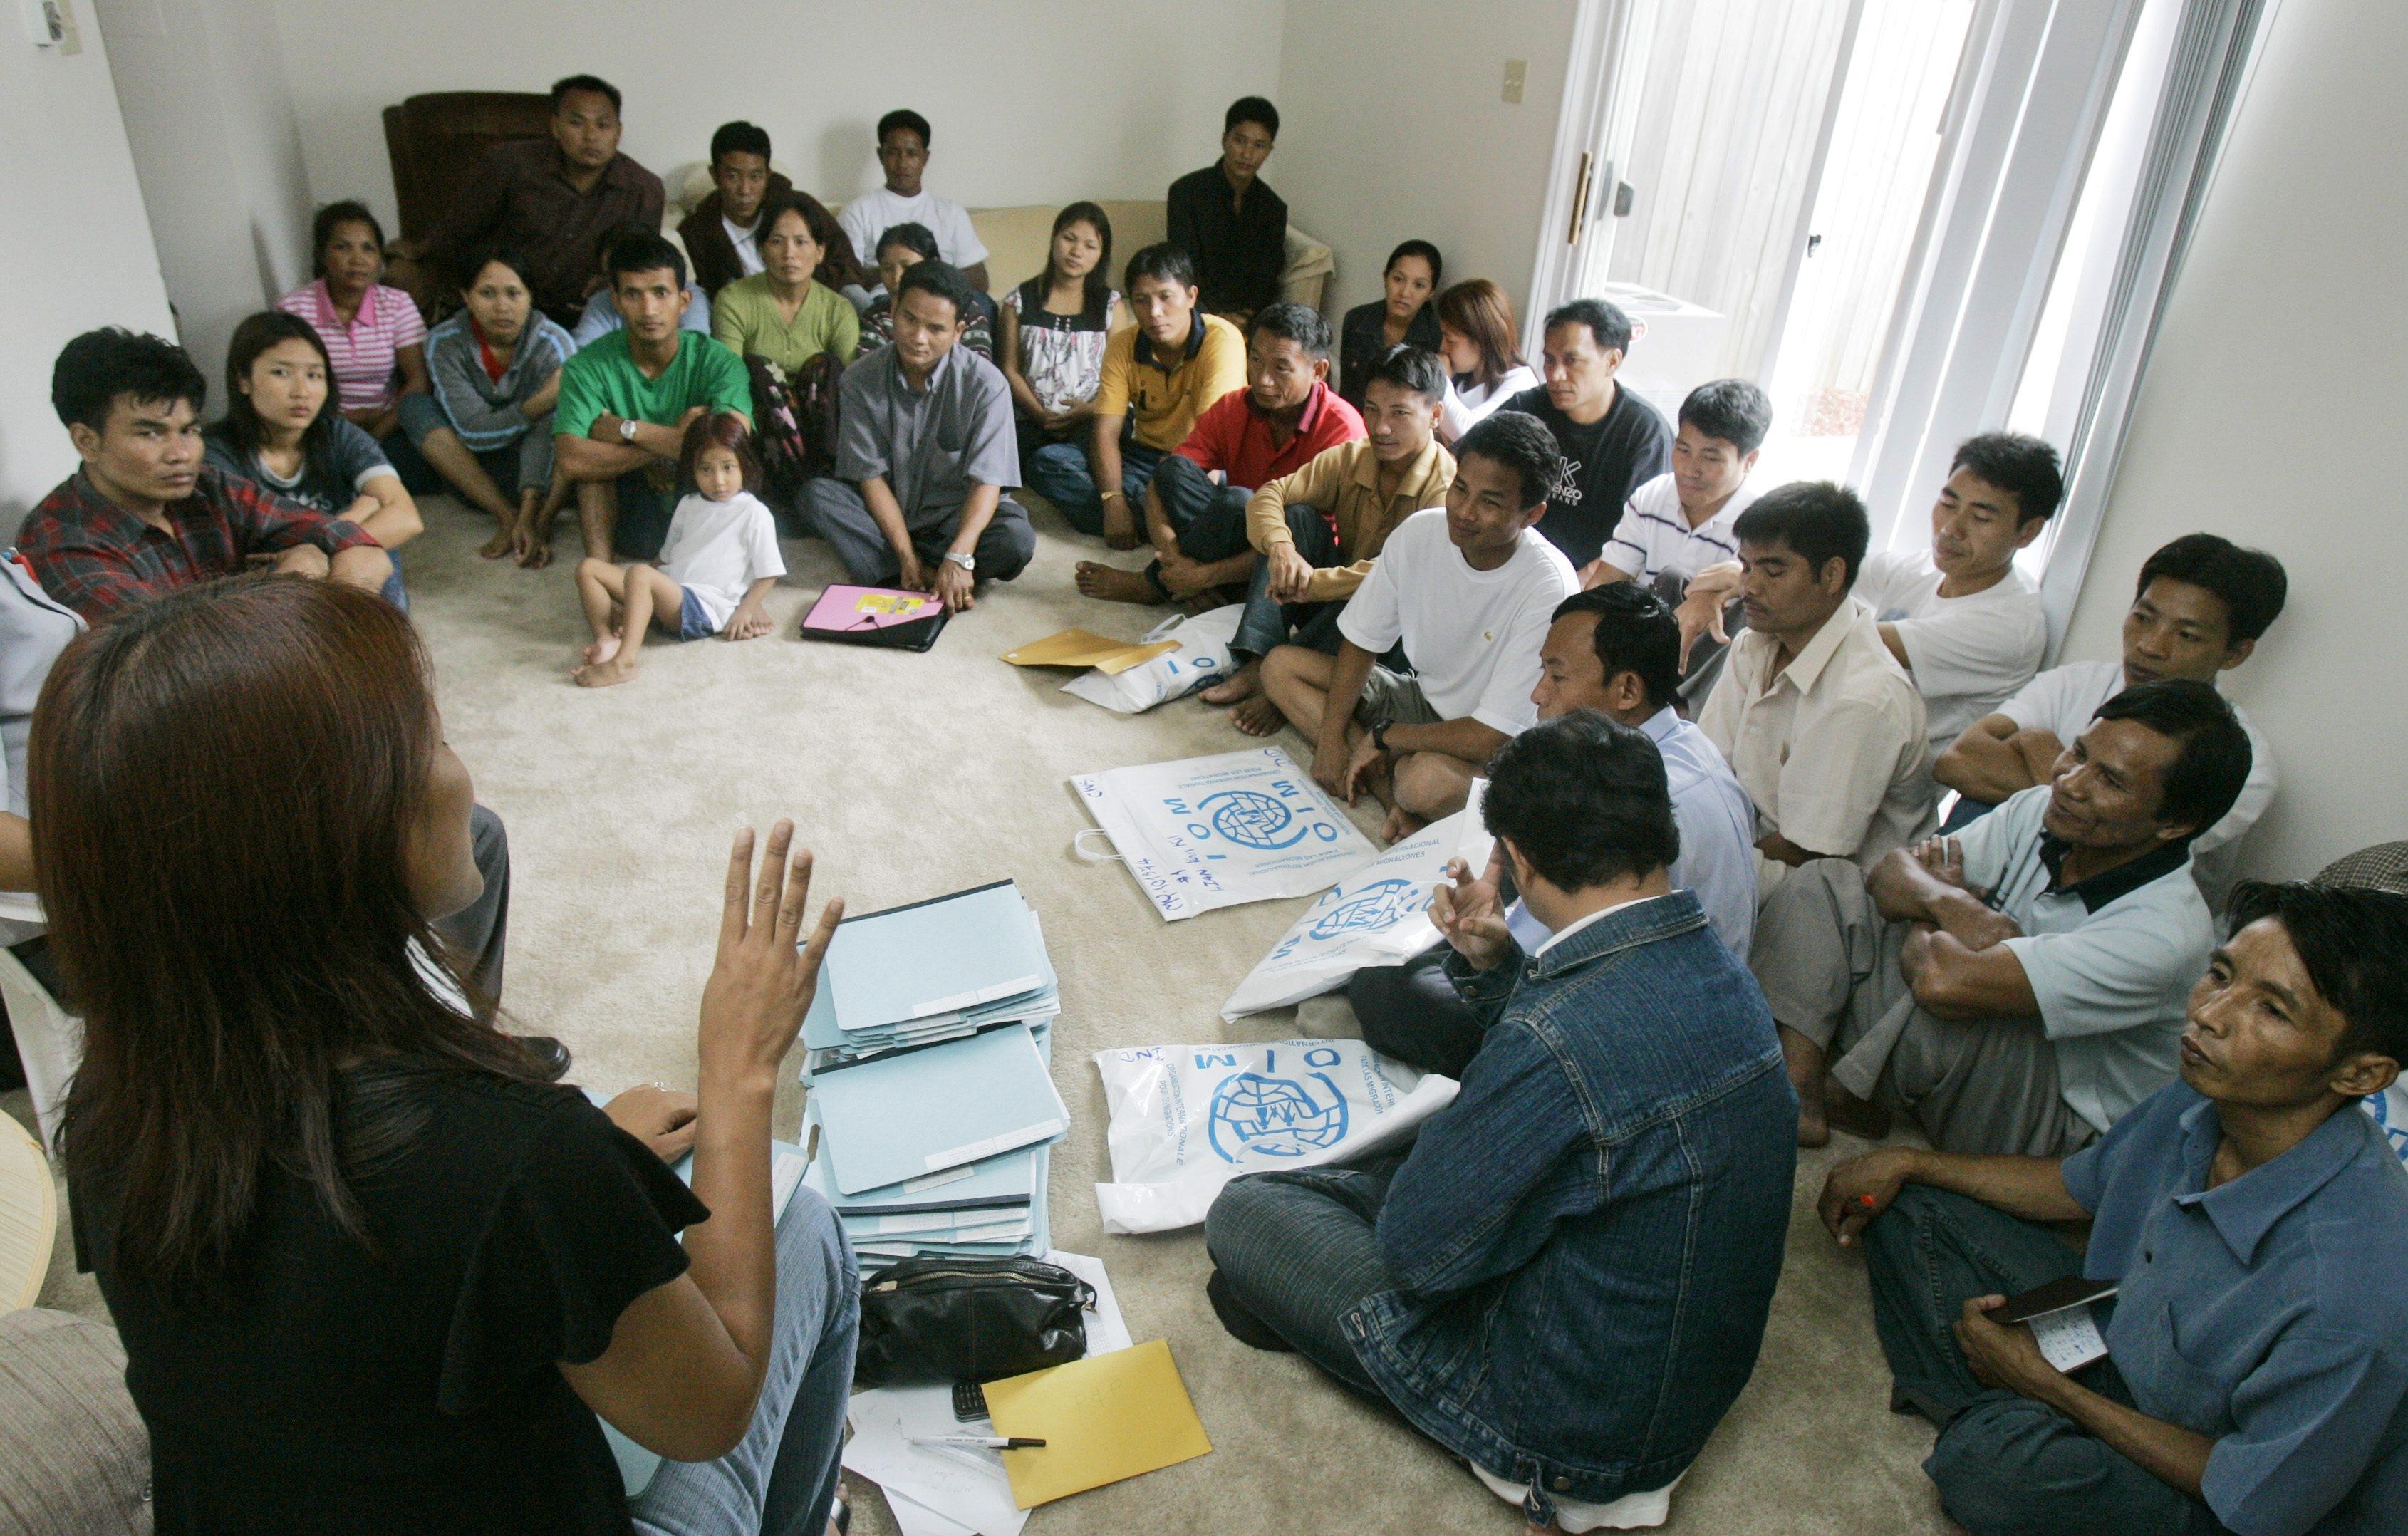 Une personne qui parle à un groupe de réfugiés birmans, assis par terre dans une pièce (© AP Images)